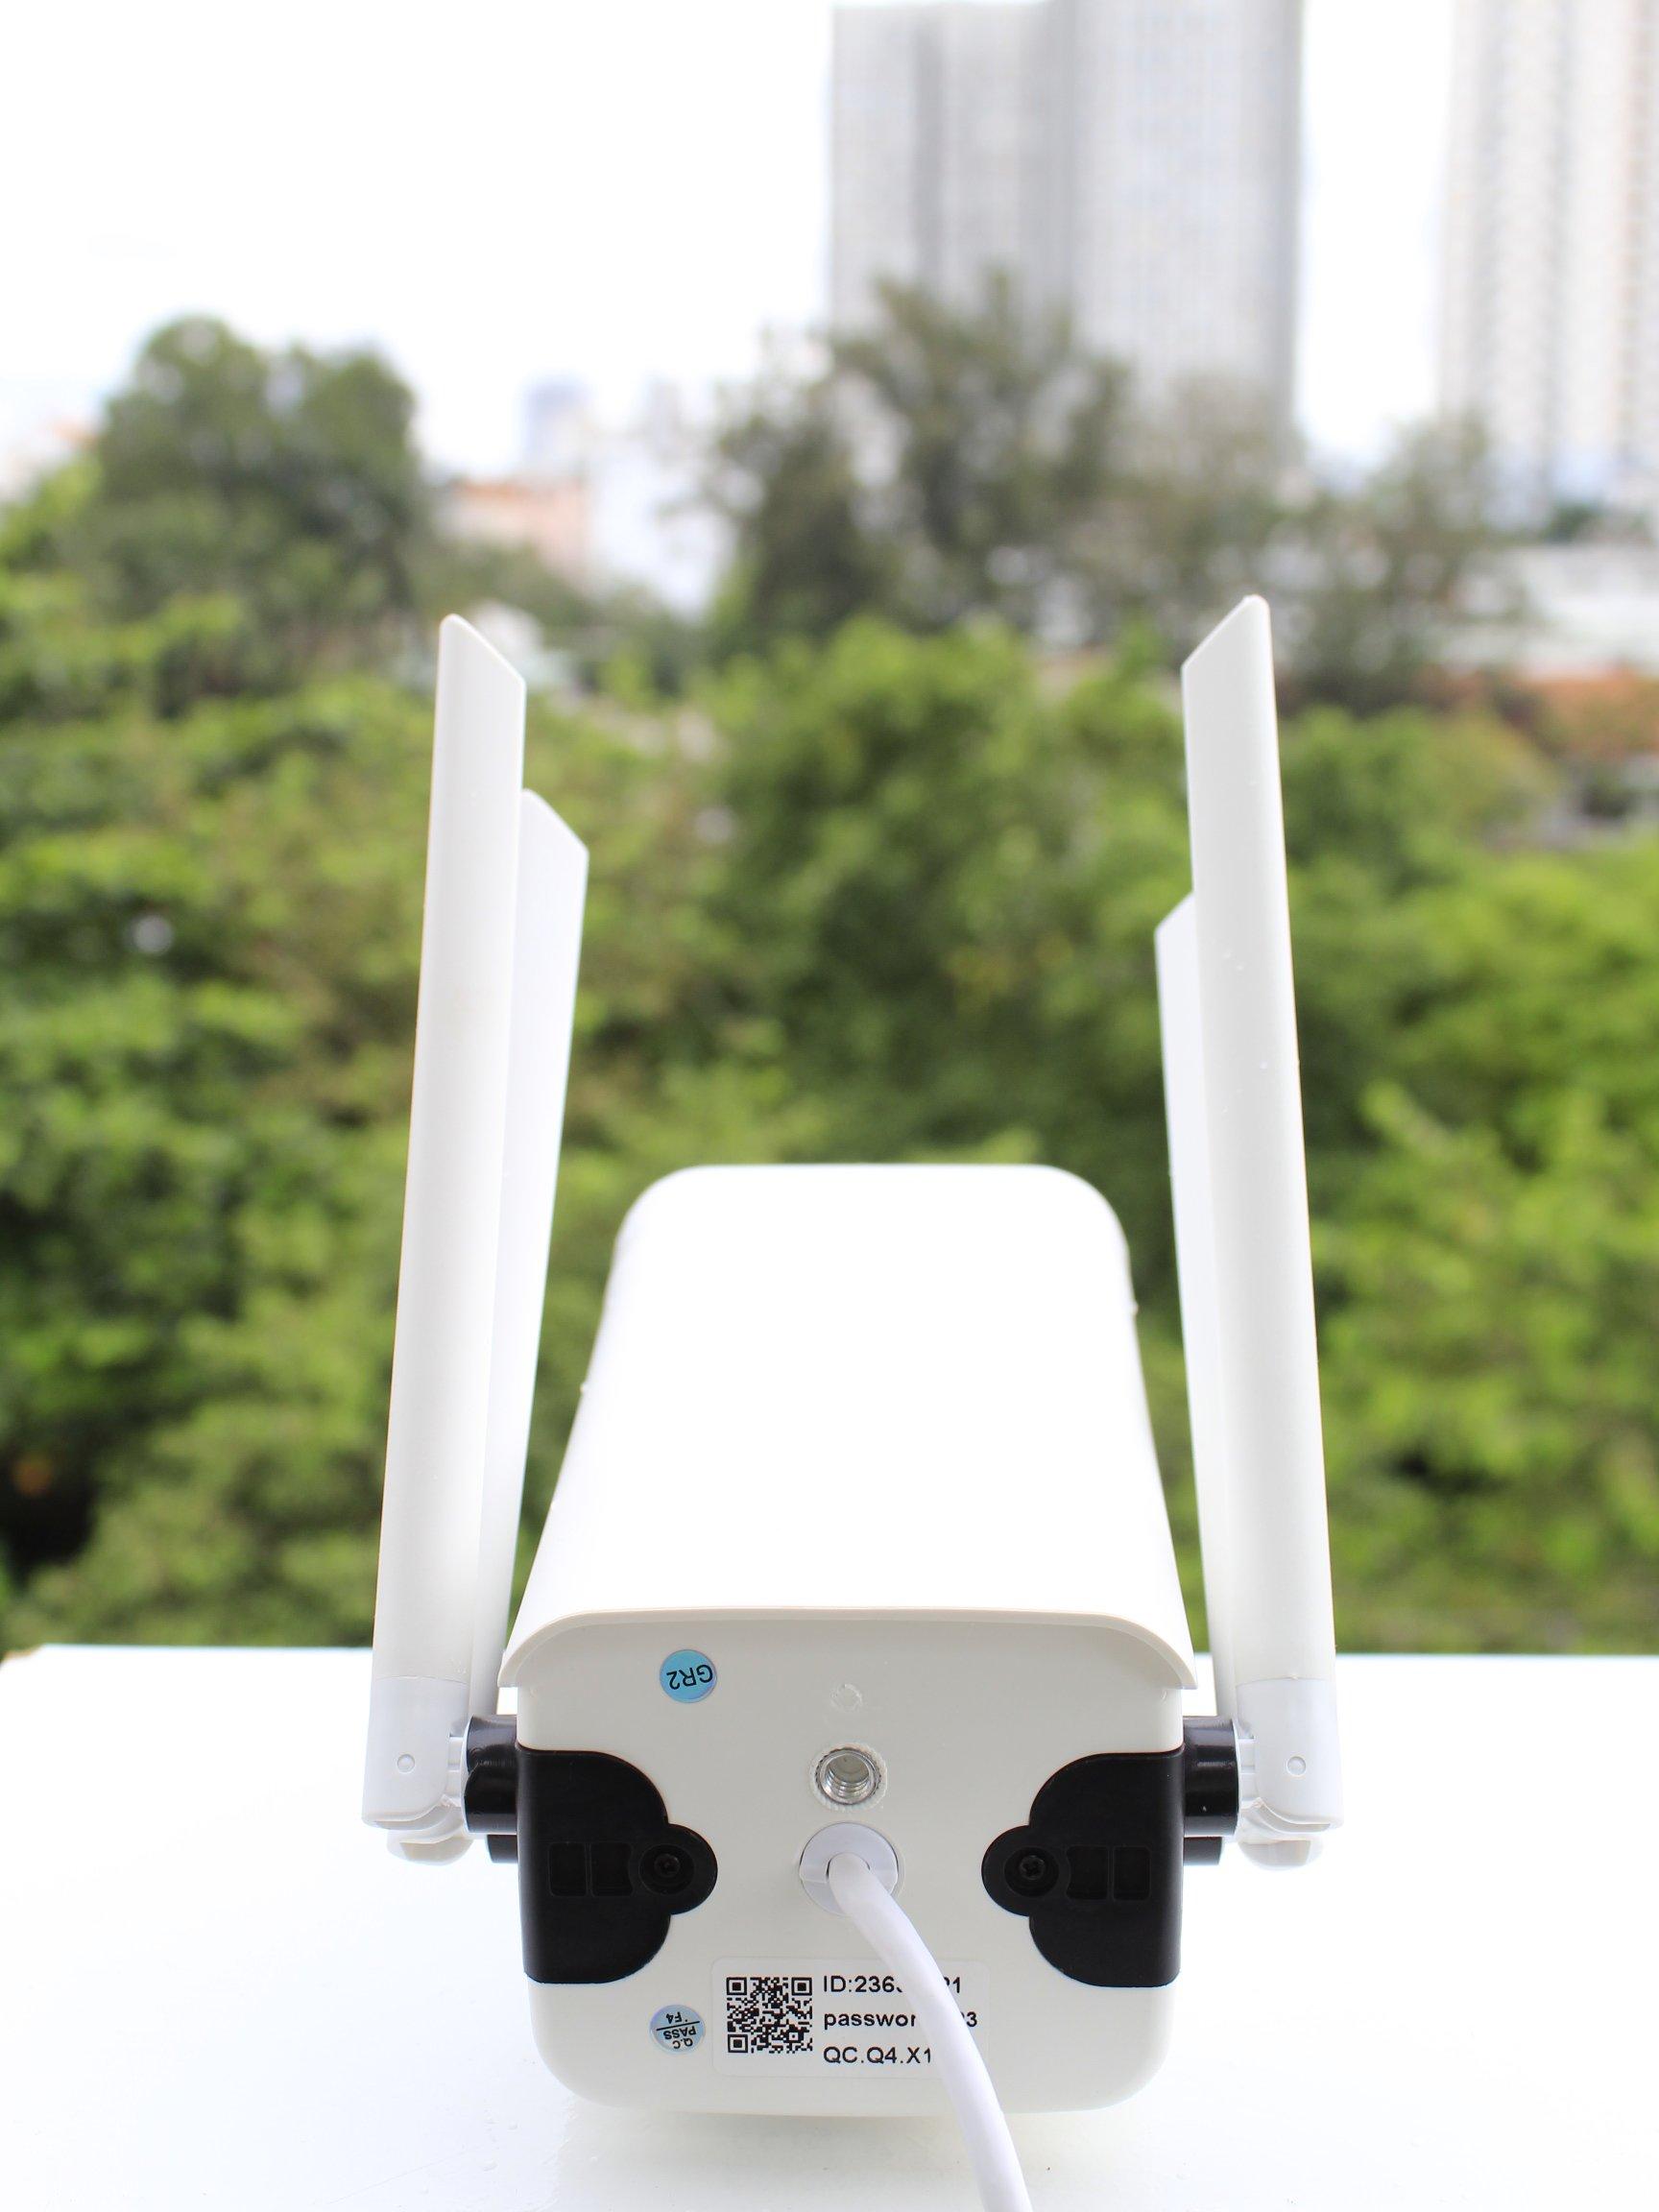 Camera Ip Wifi Ngoài Trời Yoosee GW-218S Full HD 1080P Và Thẻ Nhớ Yoosee  64GB - Hàng Chính Hãng